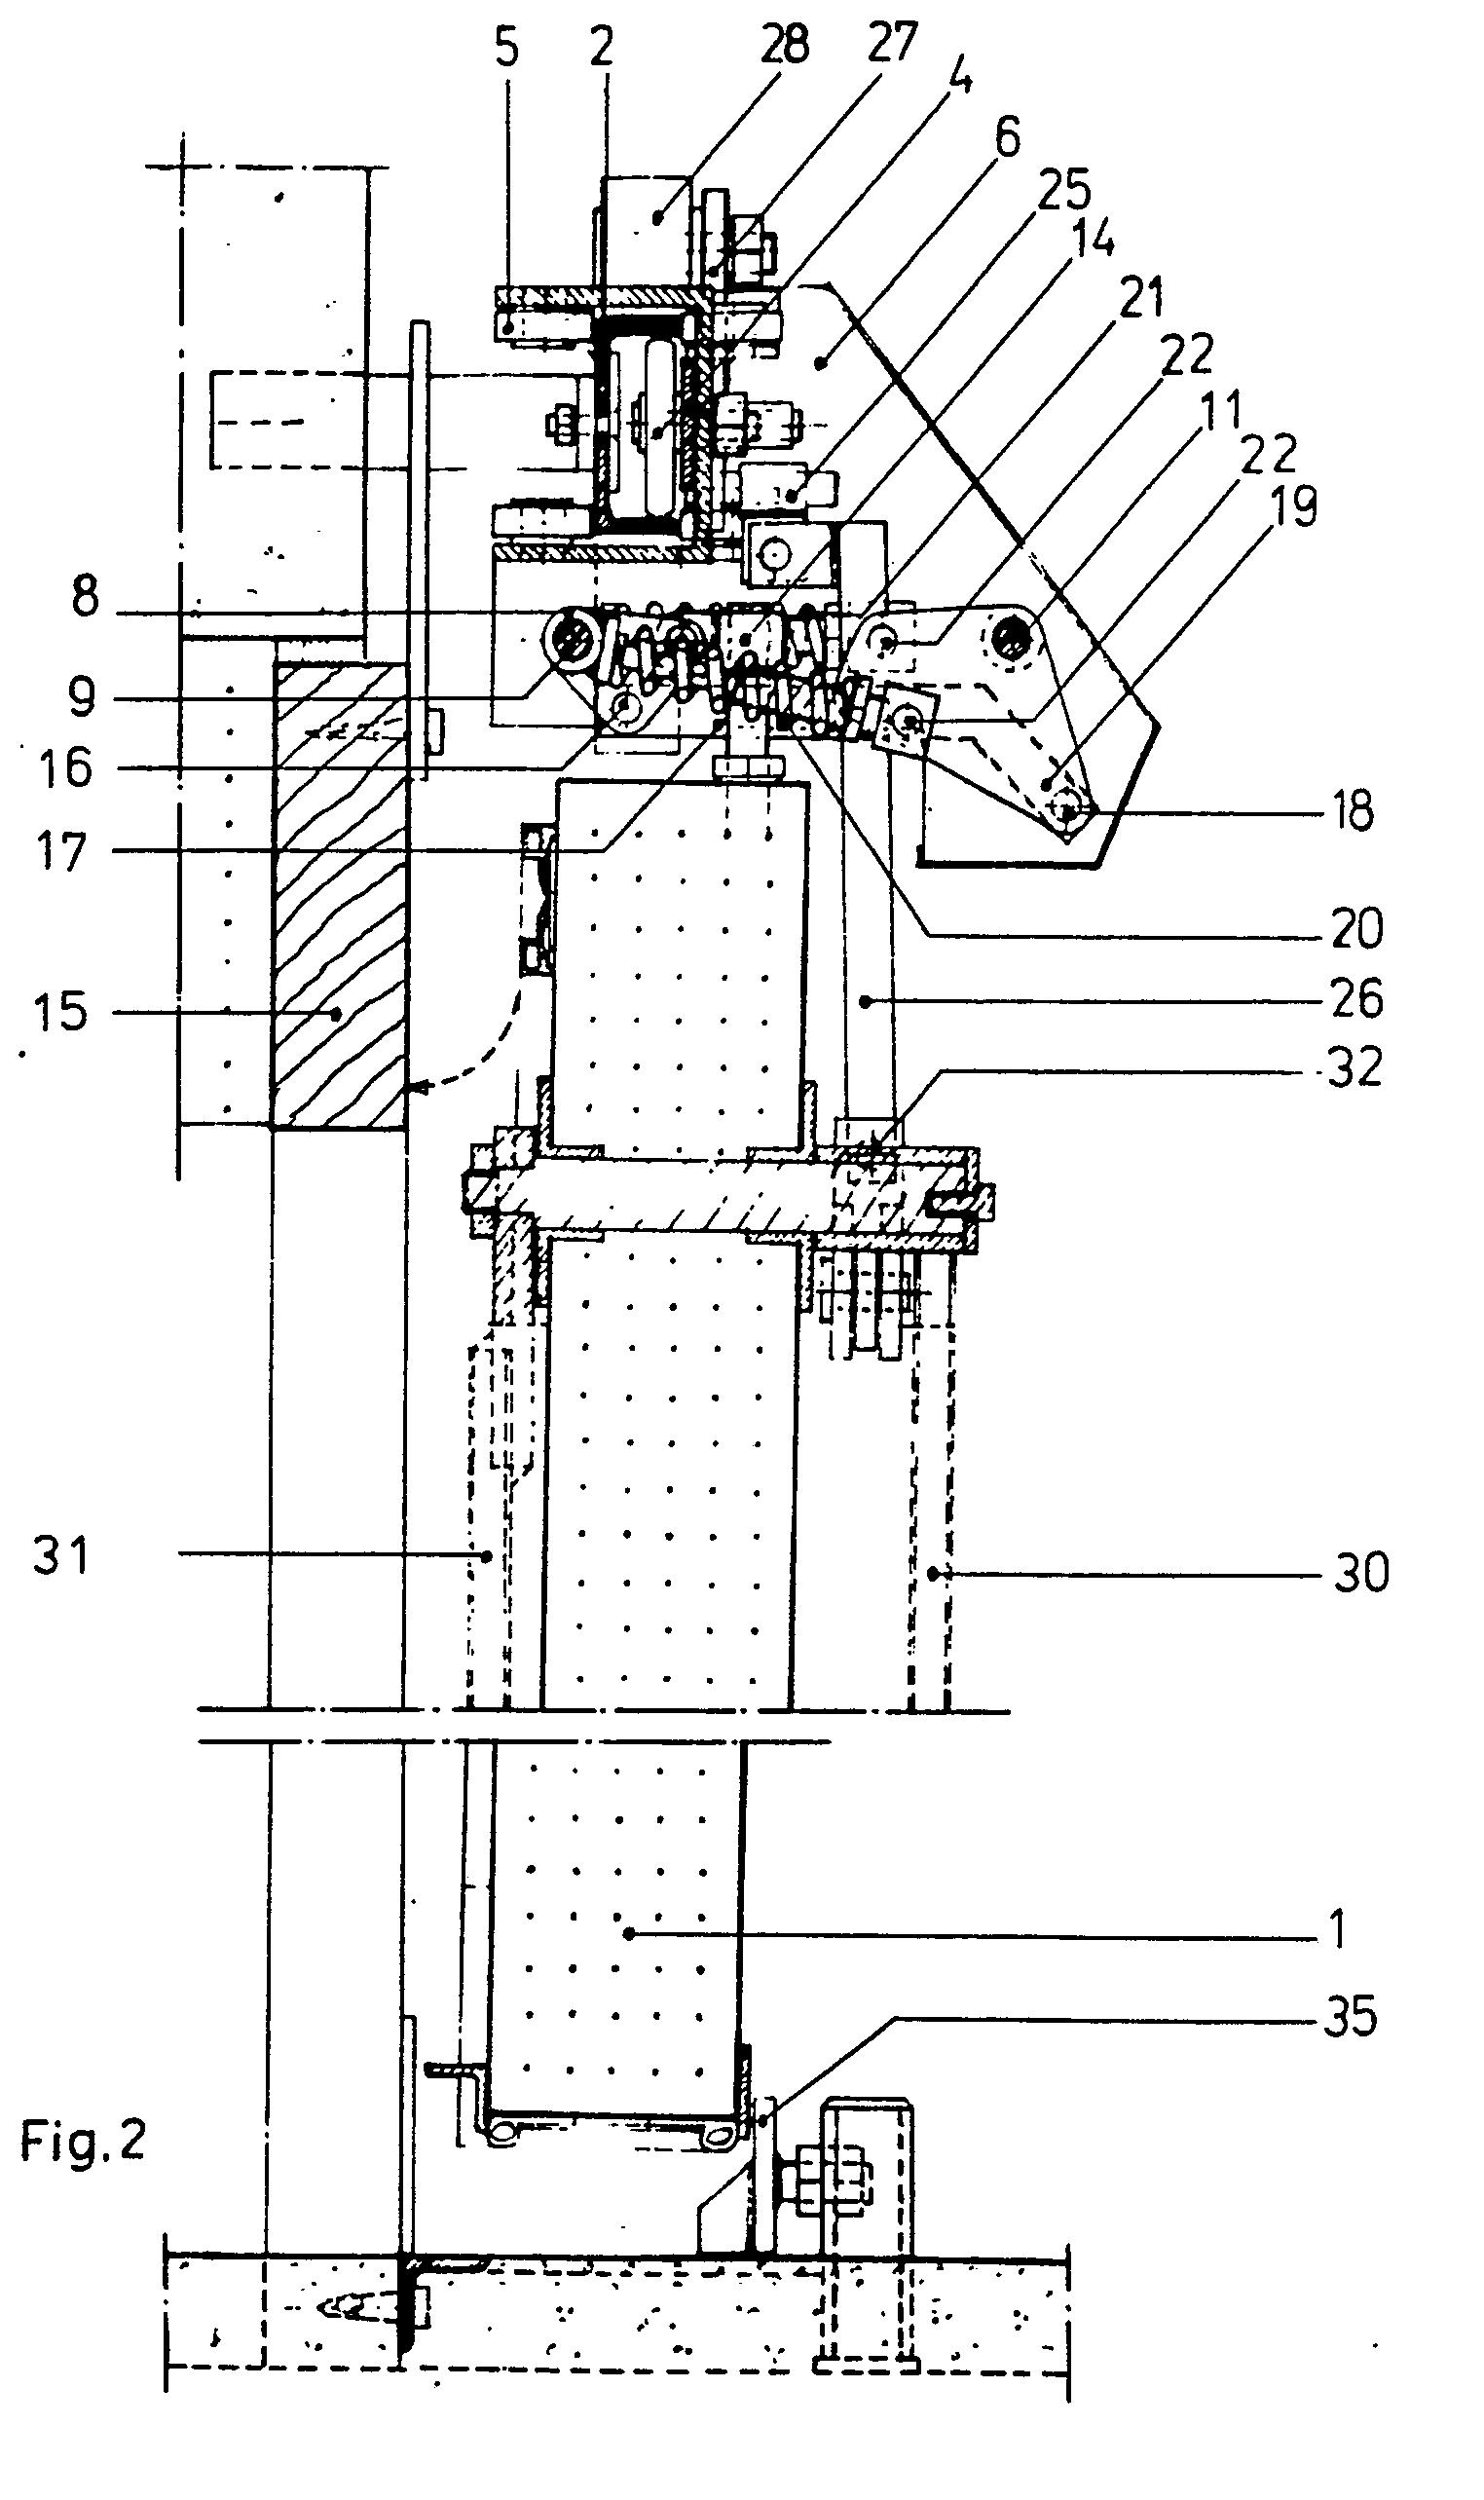 brevet ep0208117b1 porte coulissante herm tique avec force de compression et actionnement. Black Bedroom Furniture Sets. Home Design Ideas